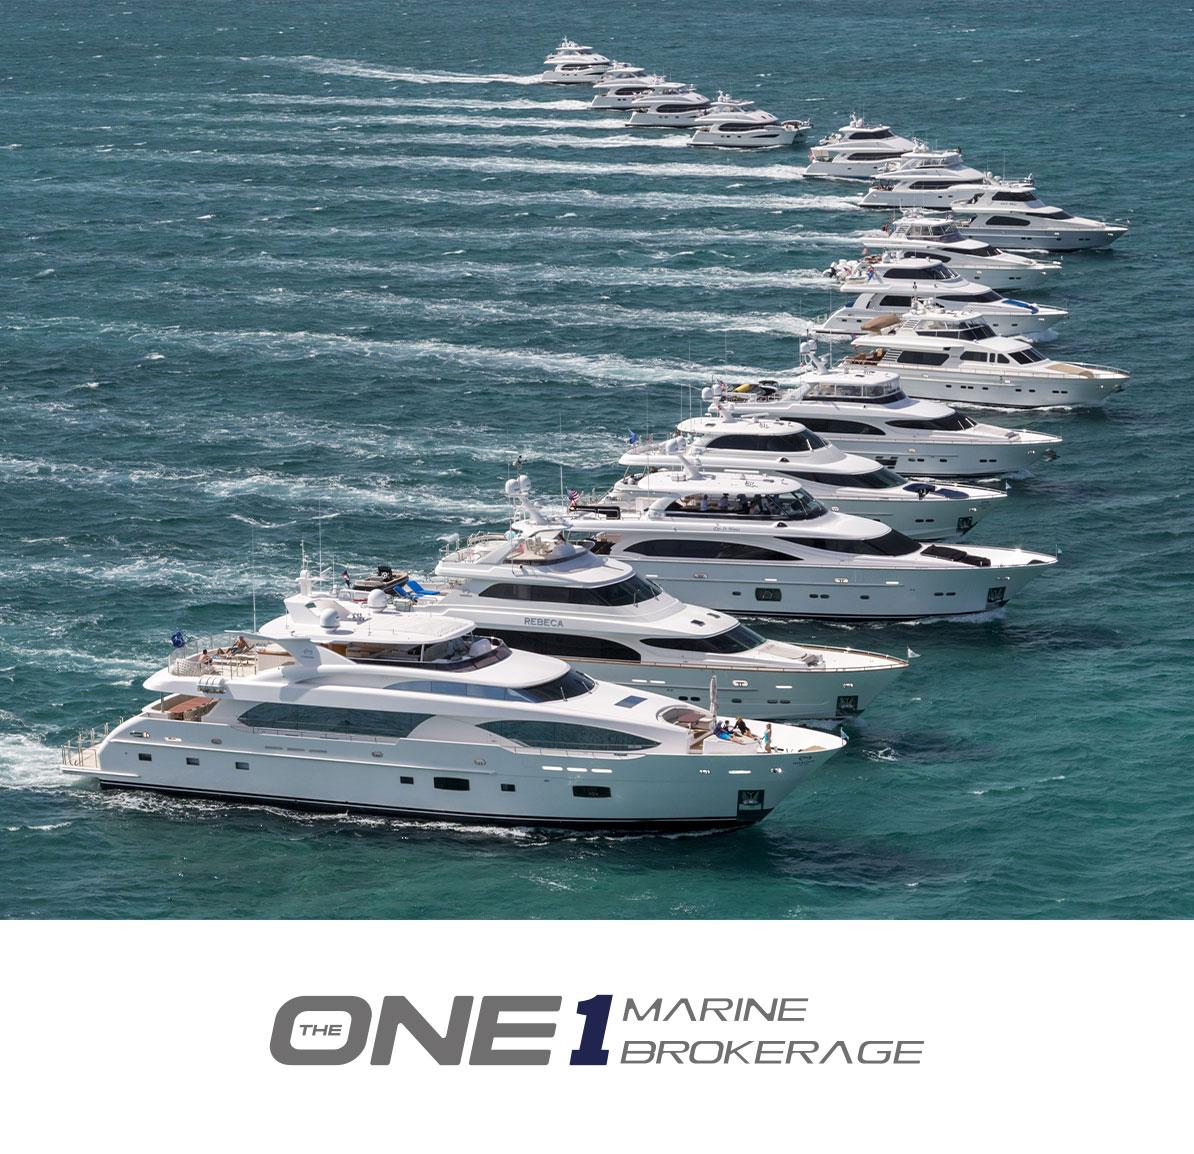 TheOne Marine Brokerage